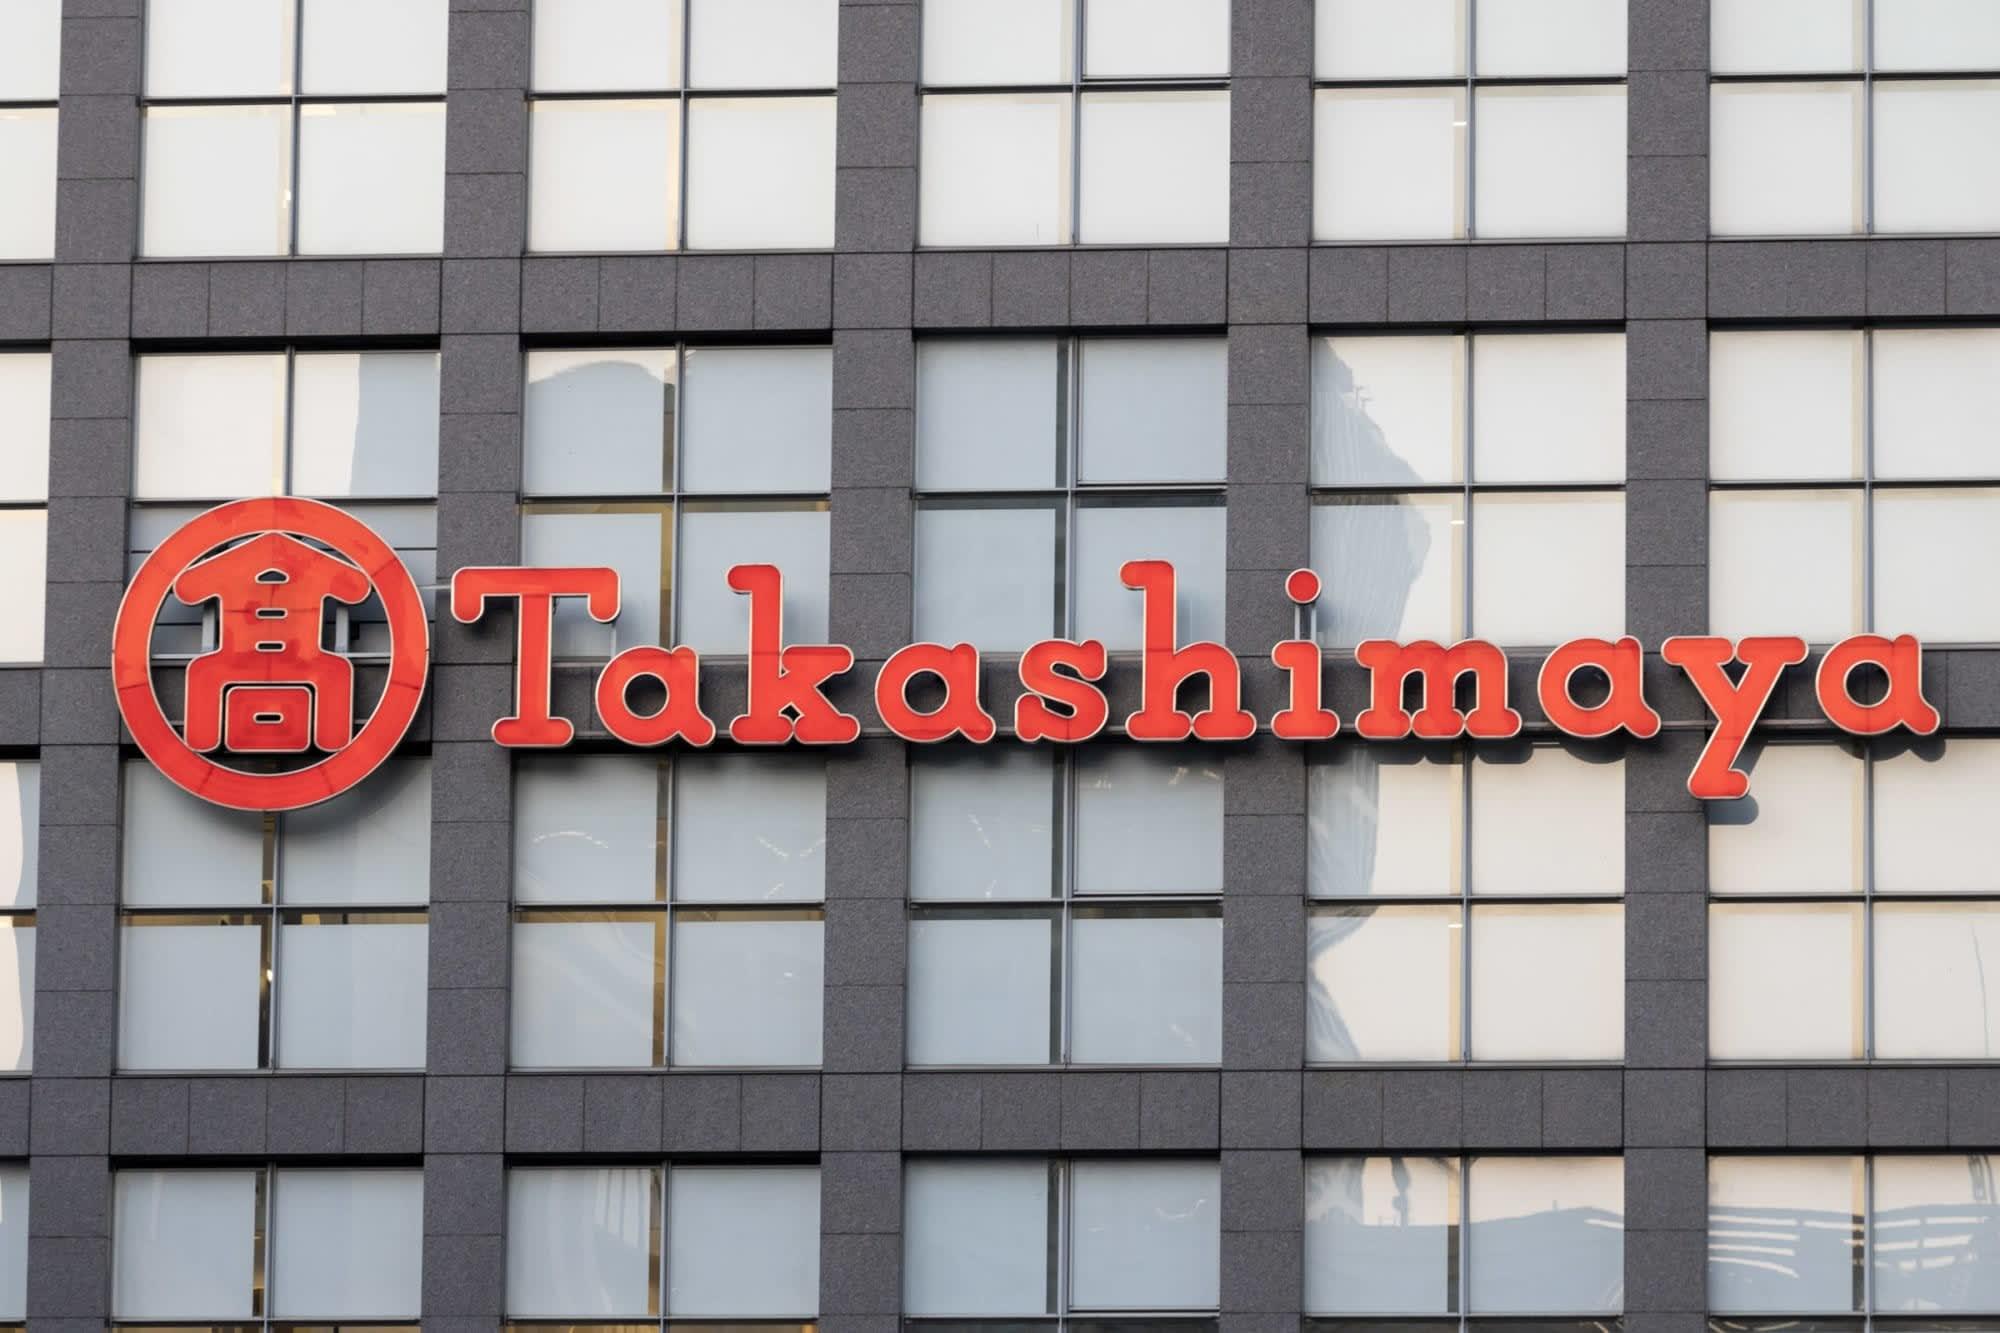 高島屋岐阜店が当面の間臨時休業、県独自の非常事態宣言発令を受けて